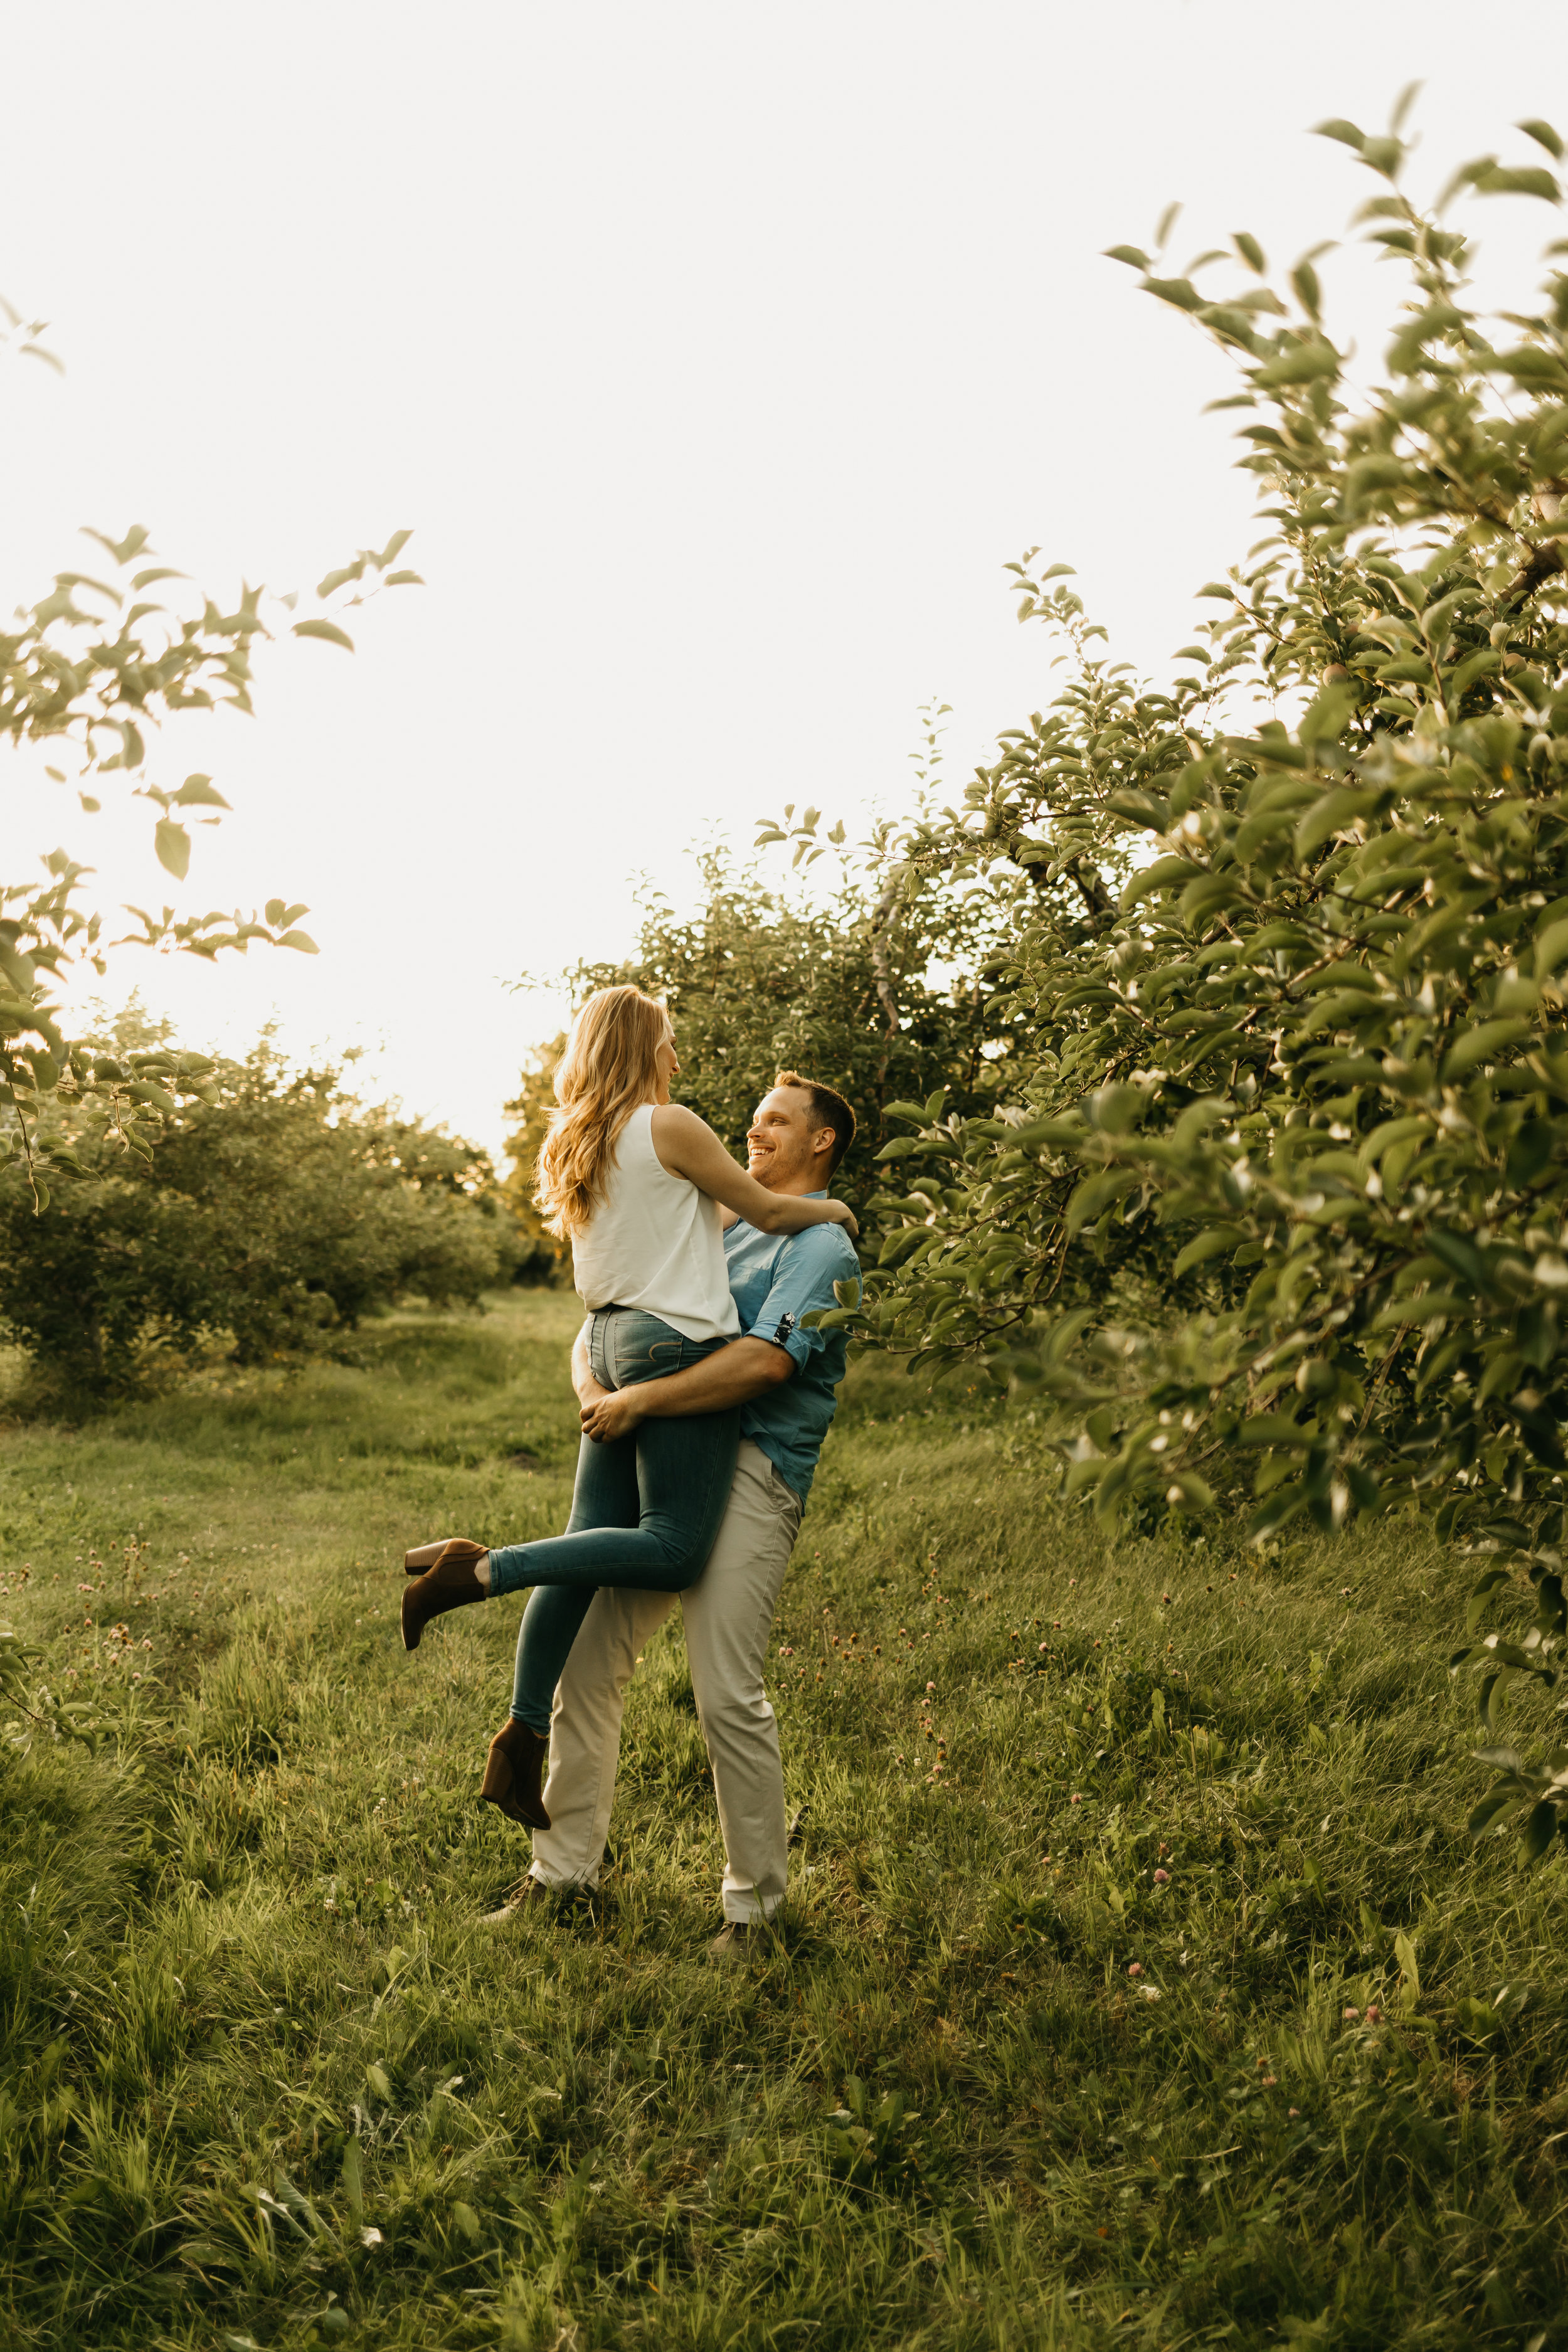 Engagement-shoot-Mont-saint-hilaire-québec-2404.jpg